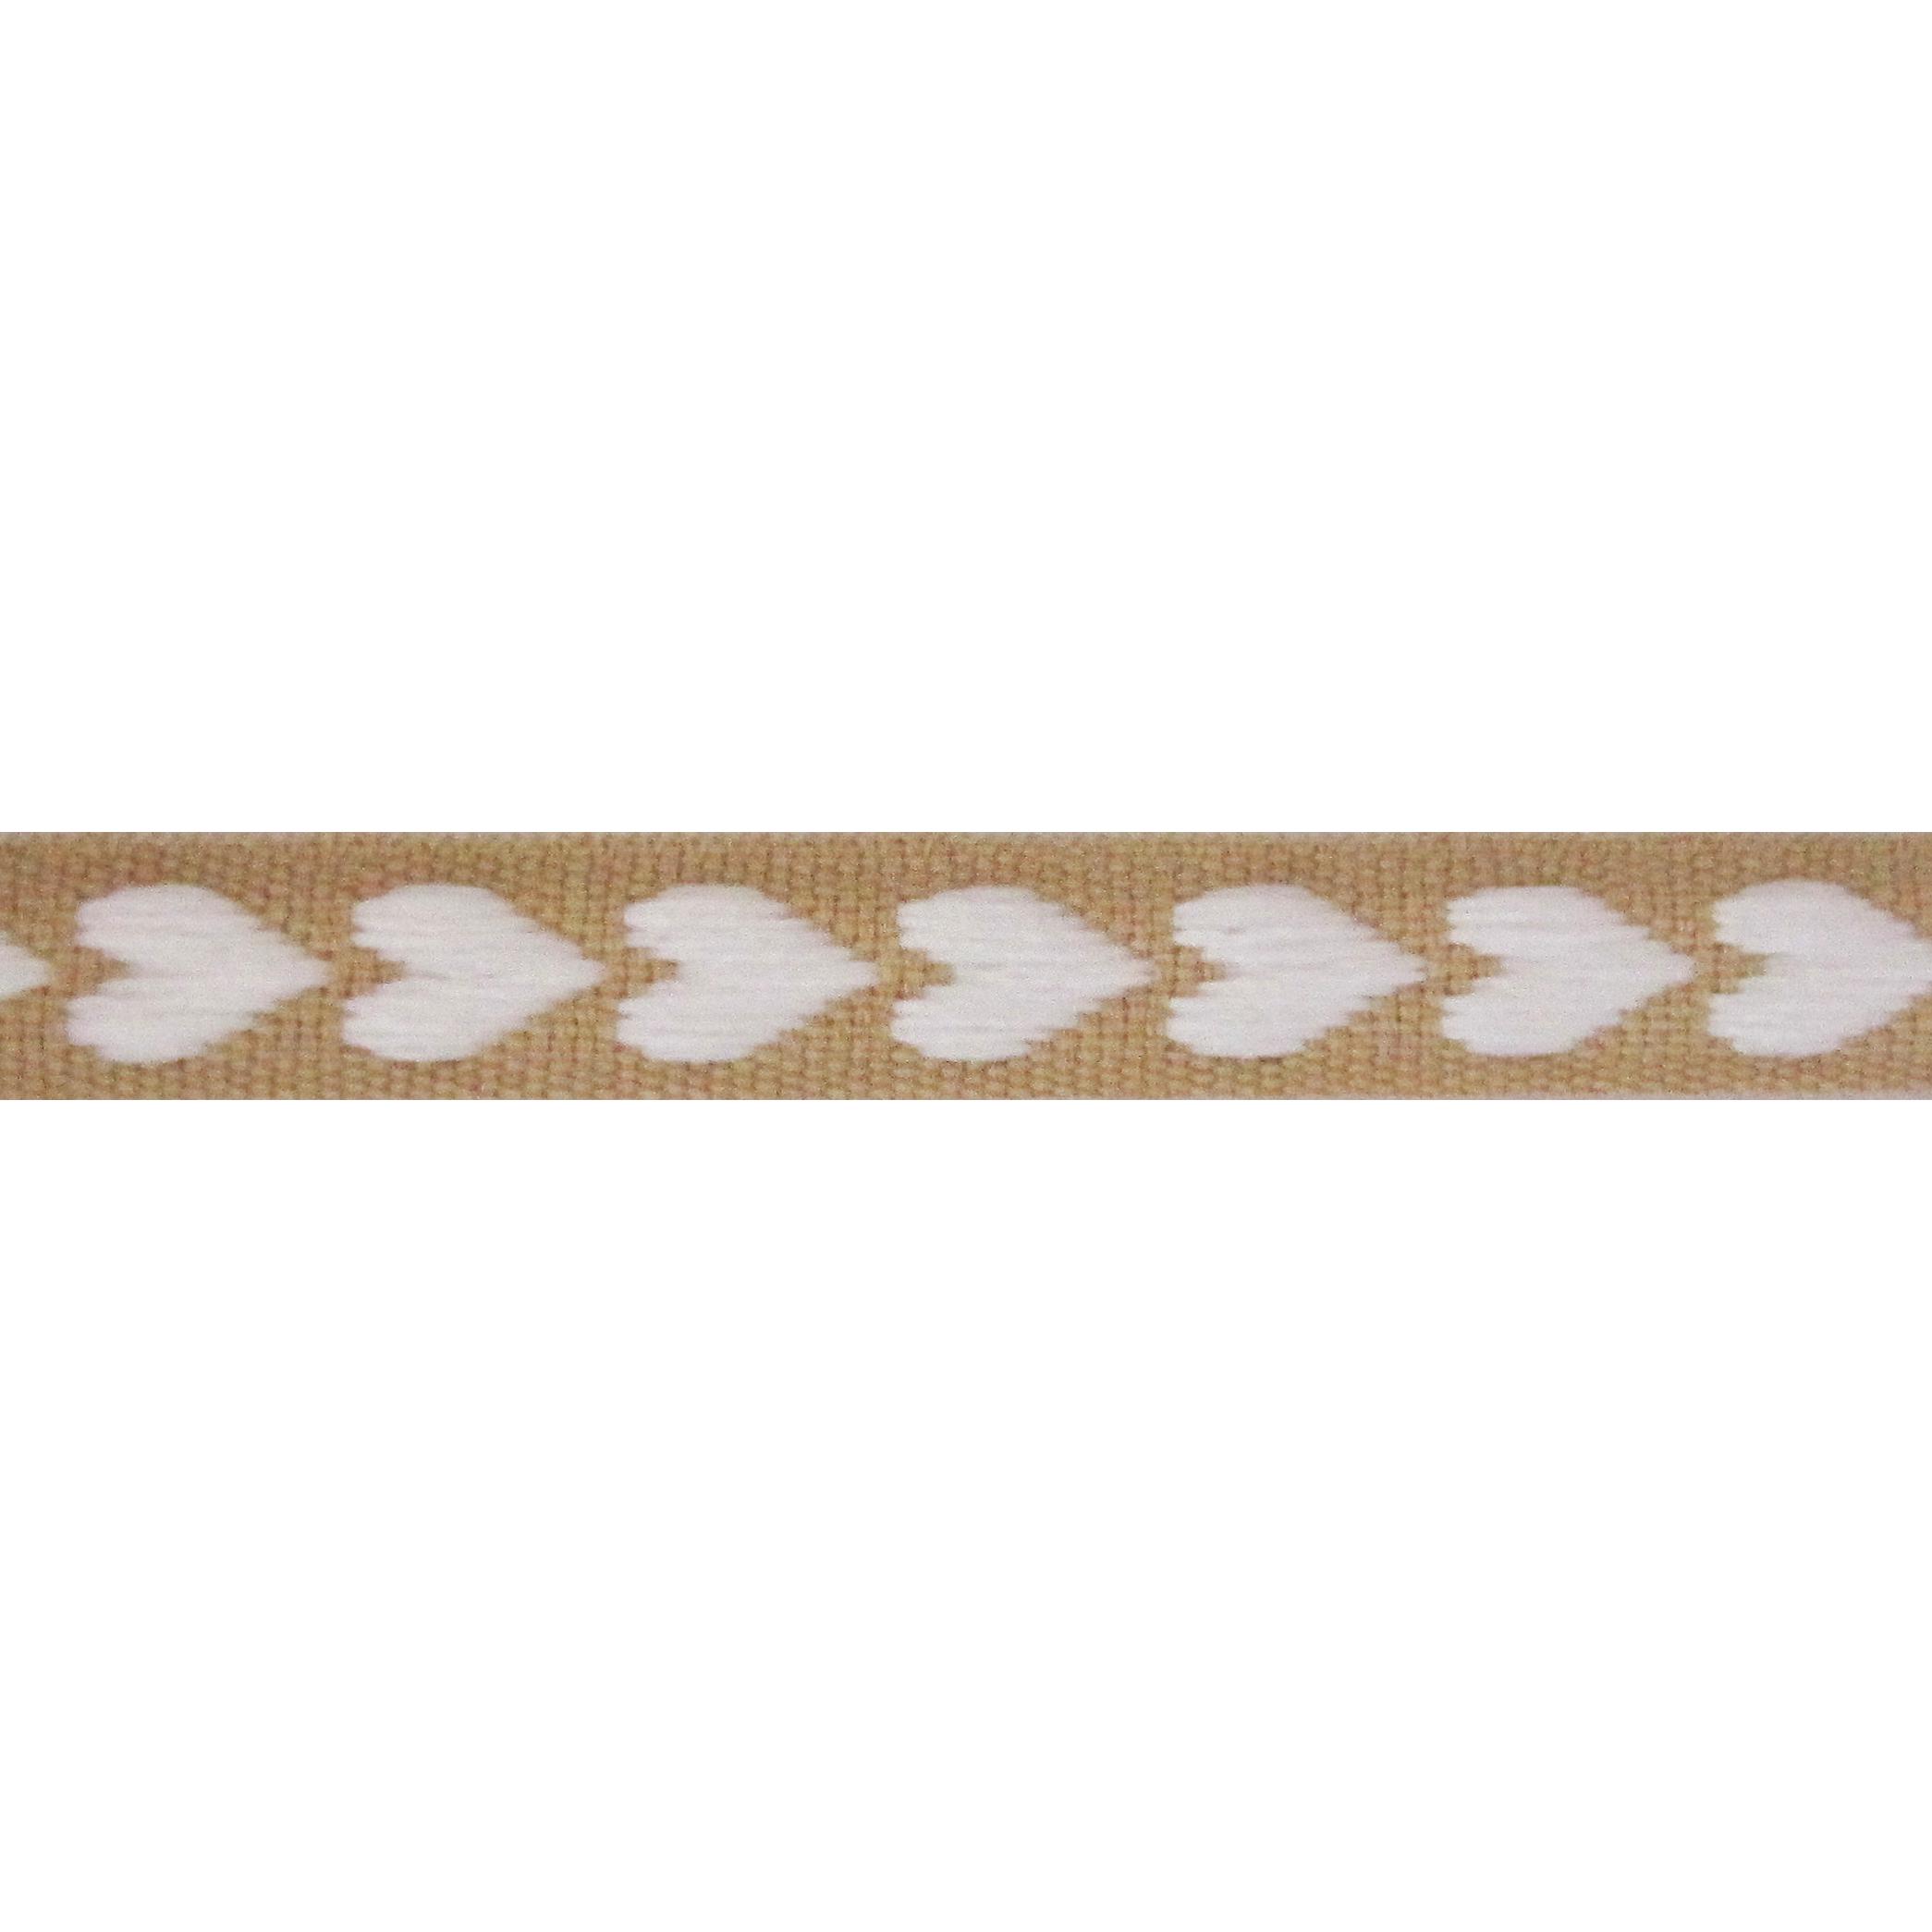 Ripsband Herzen 10mm - Webband Beige Weiß